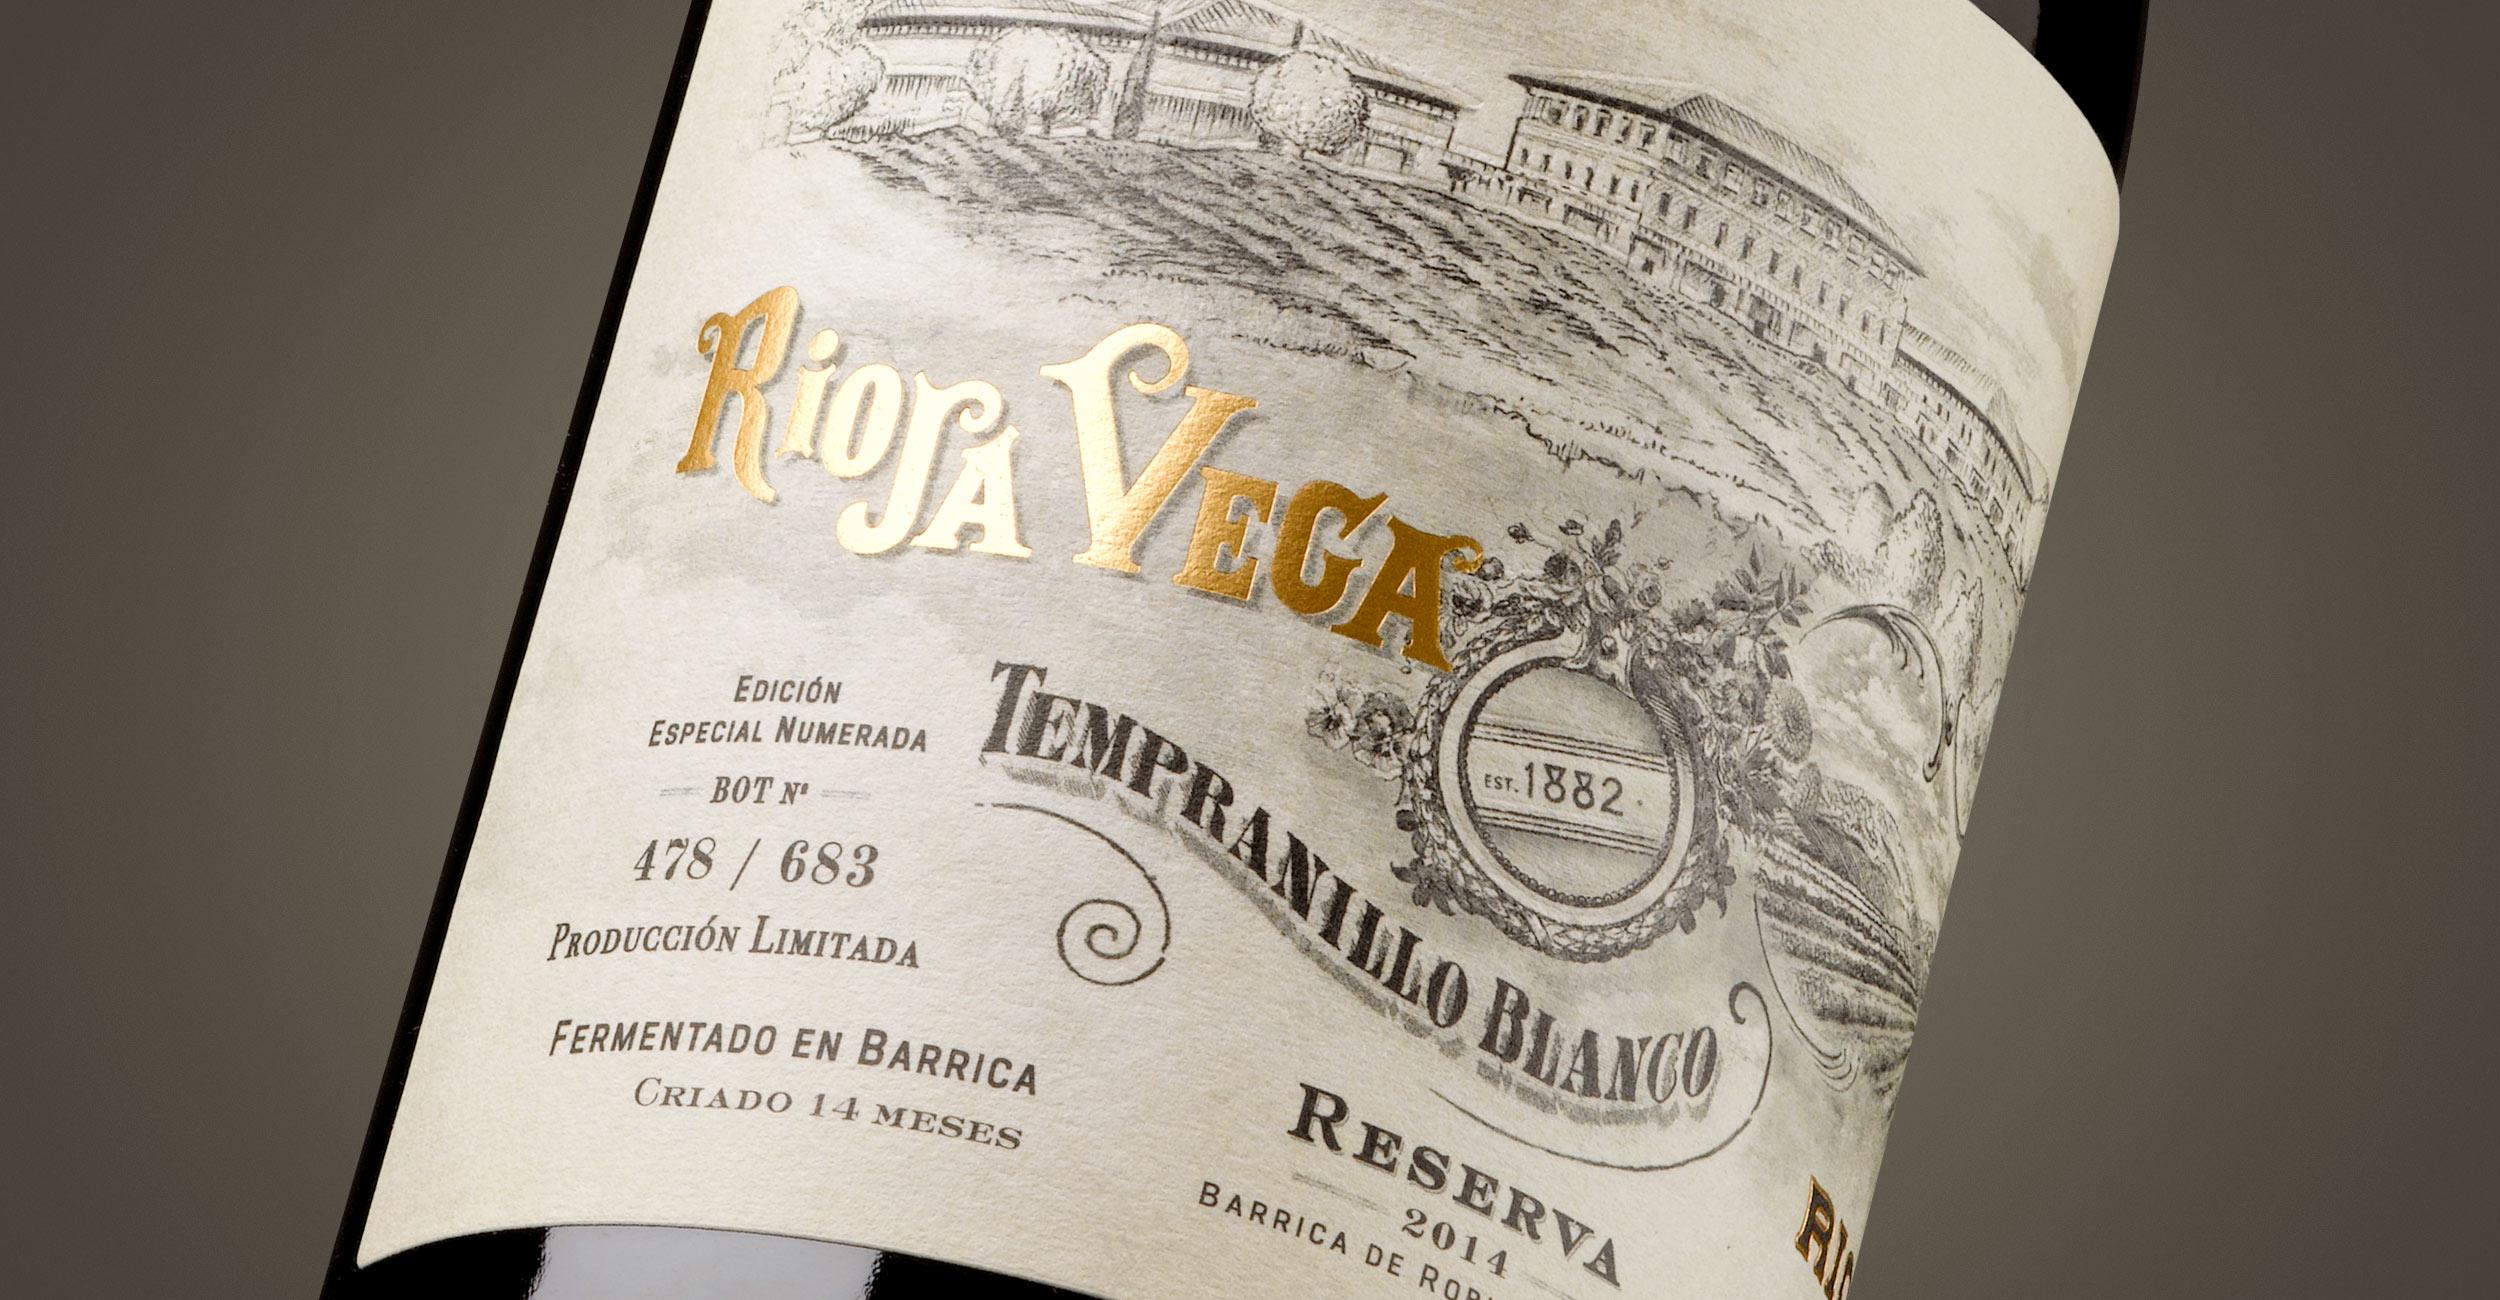 Rioja Vega Tempranillo Blanco Reserva